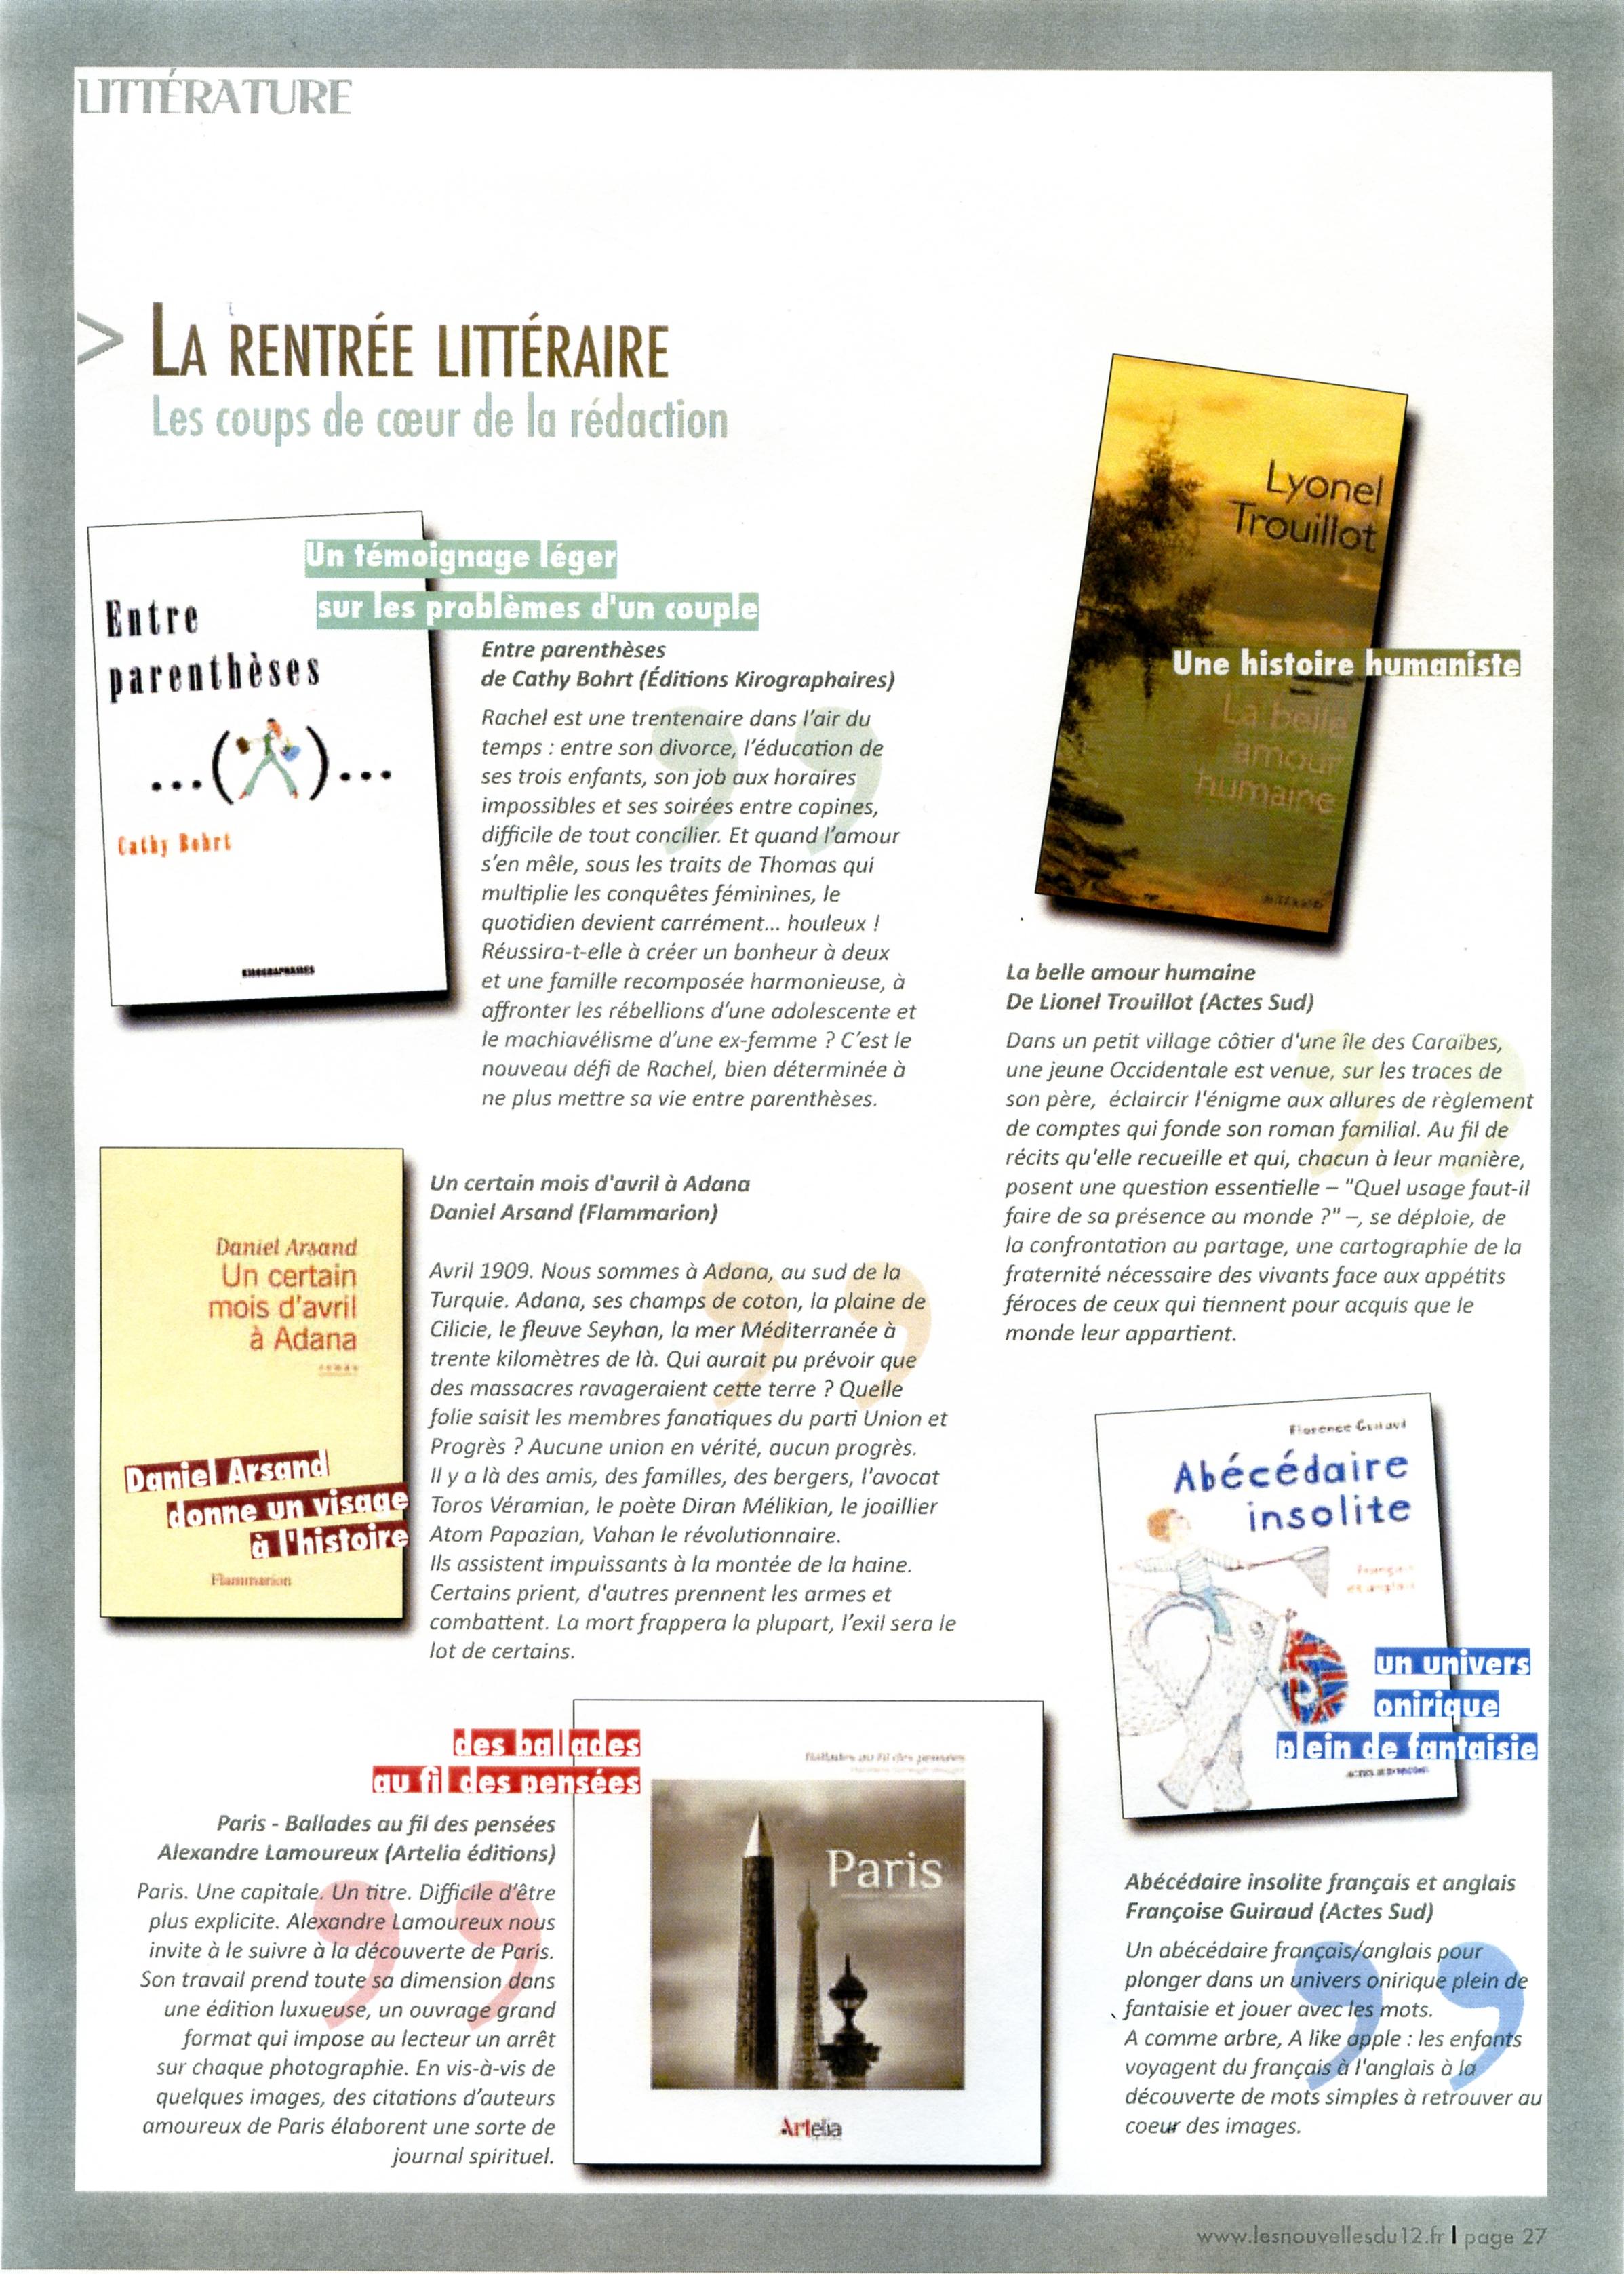 Communiqué de presse du 12ème Arrdt de Paris